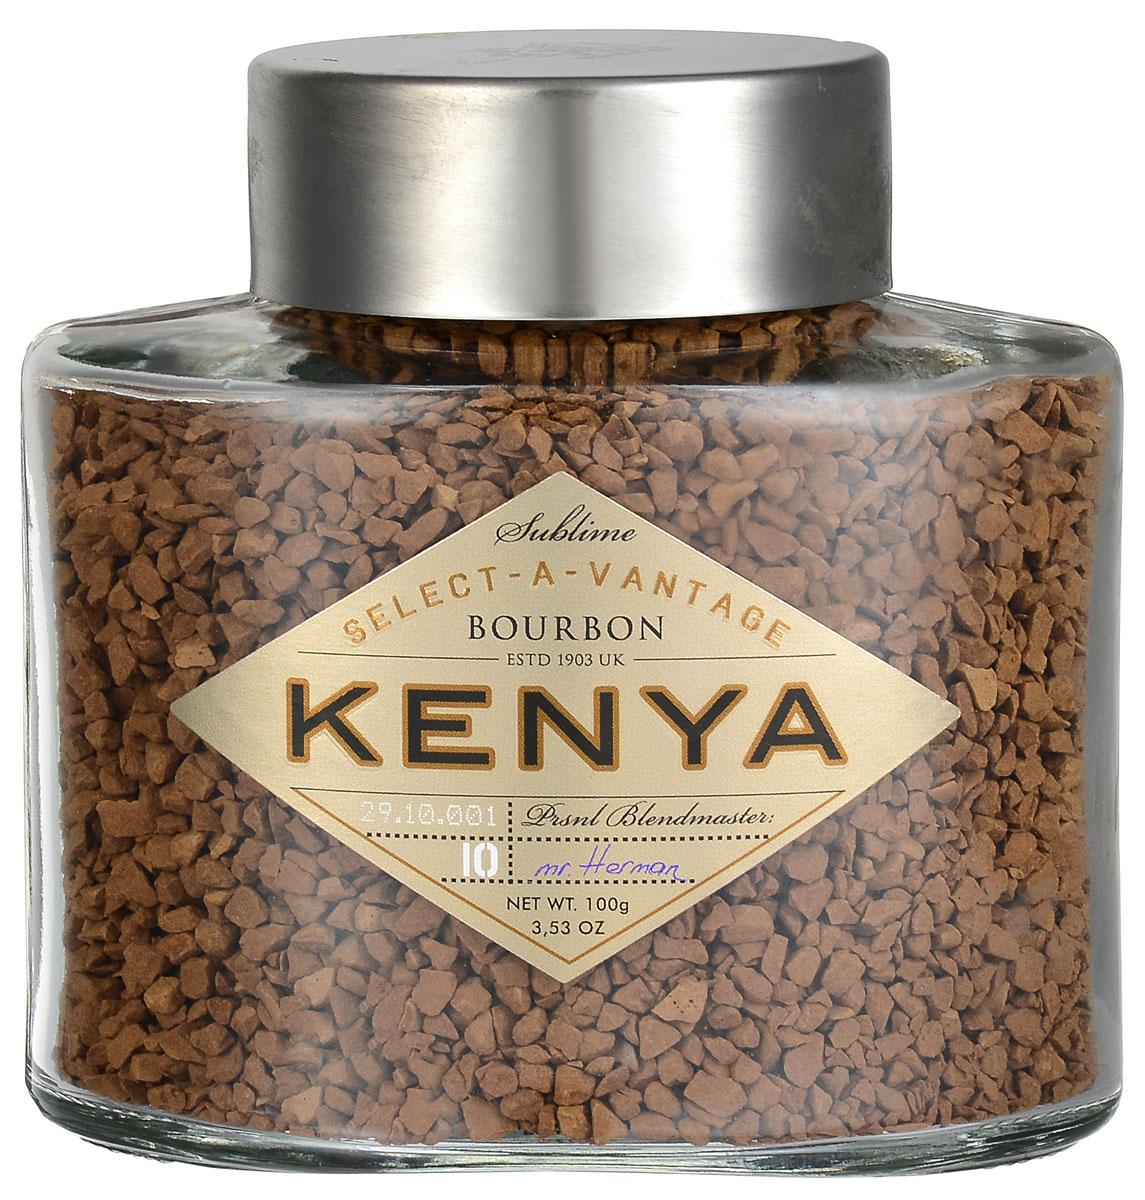 Bourbon Select-a-Vantage Kenya кофе растворимый, 100 г7610121710301На аукционе в Найроби отобрали редкие крупные зерна арабики, выросшей на восточном склоне горы Элго. Вот почему кофе Bourbon Select-a-Vantage Kenya имеет такой,особенный, умеренно винный привкус, с легкой пряностью и апельсиновым оттенком.